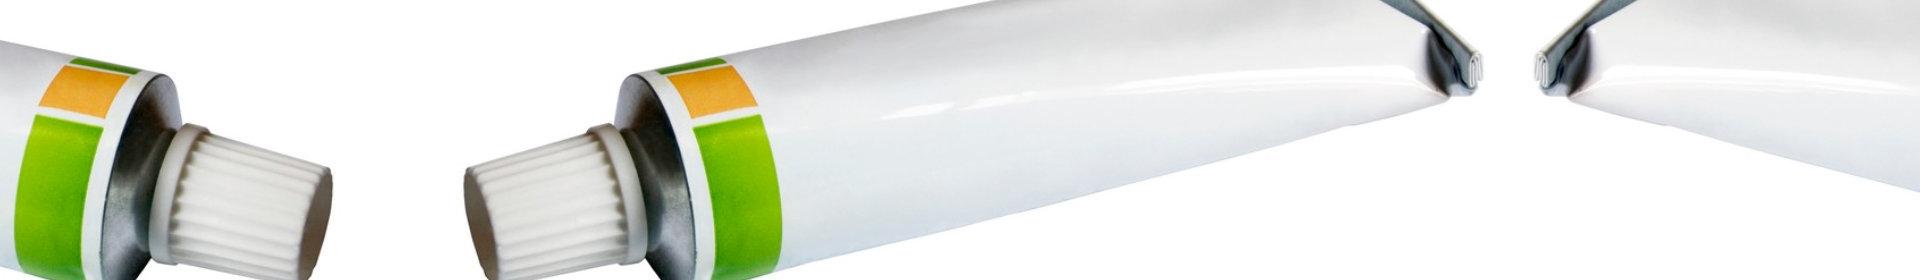 paste tube